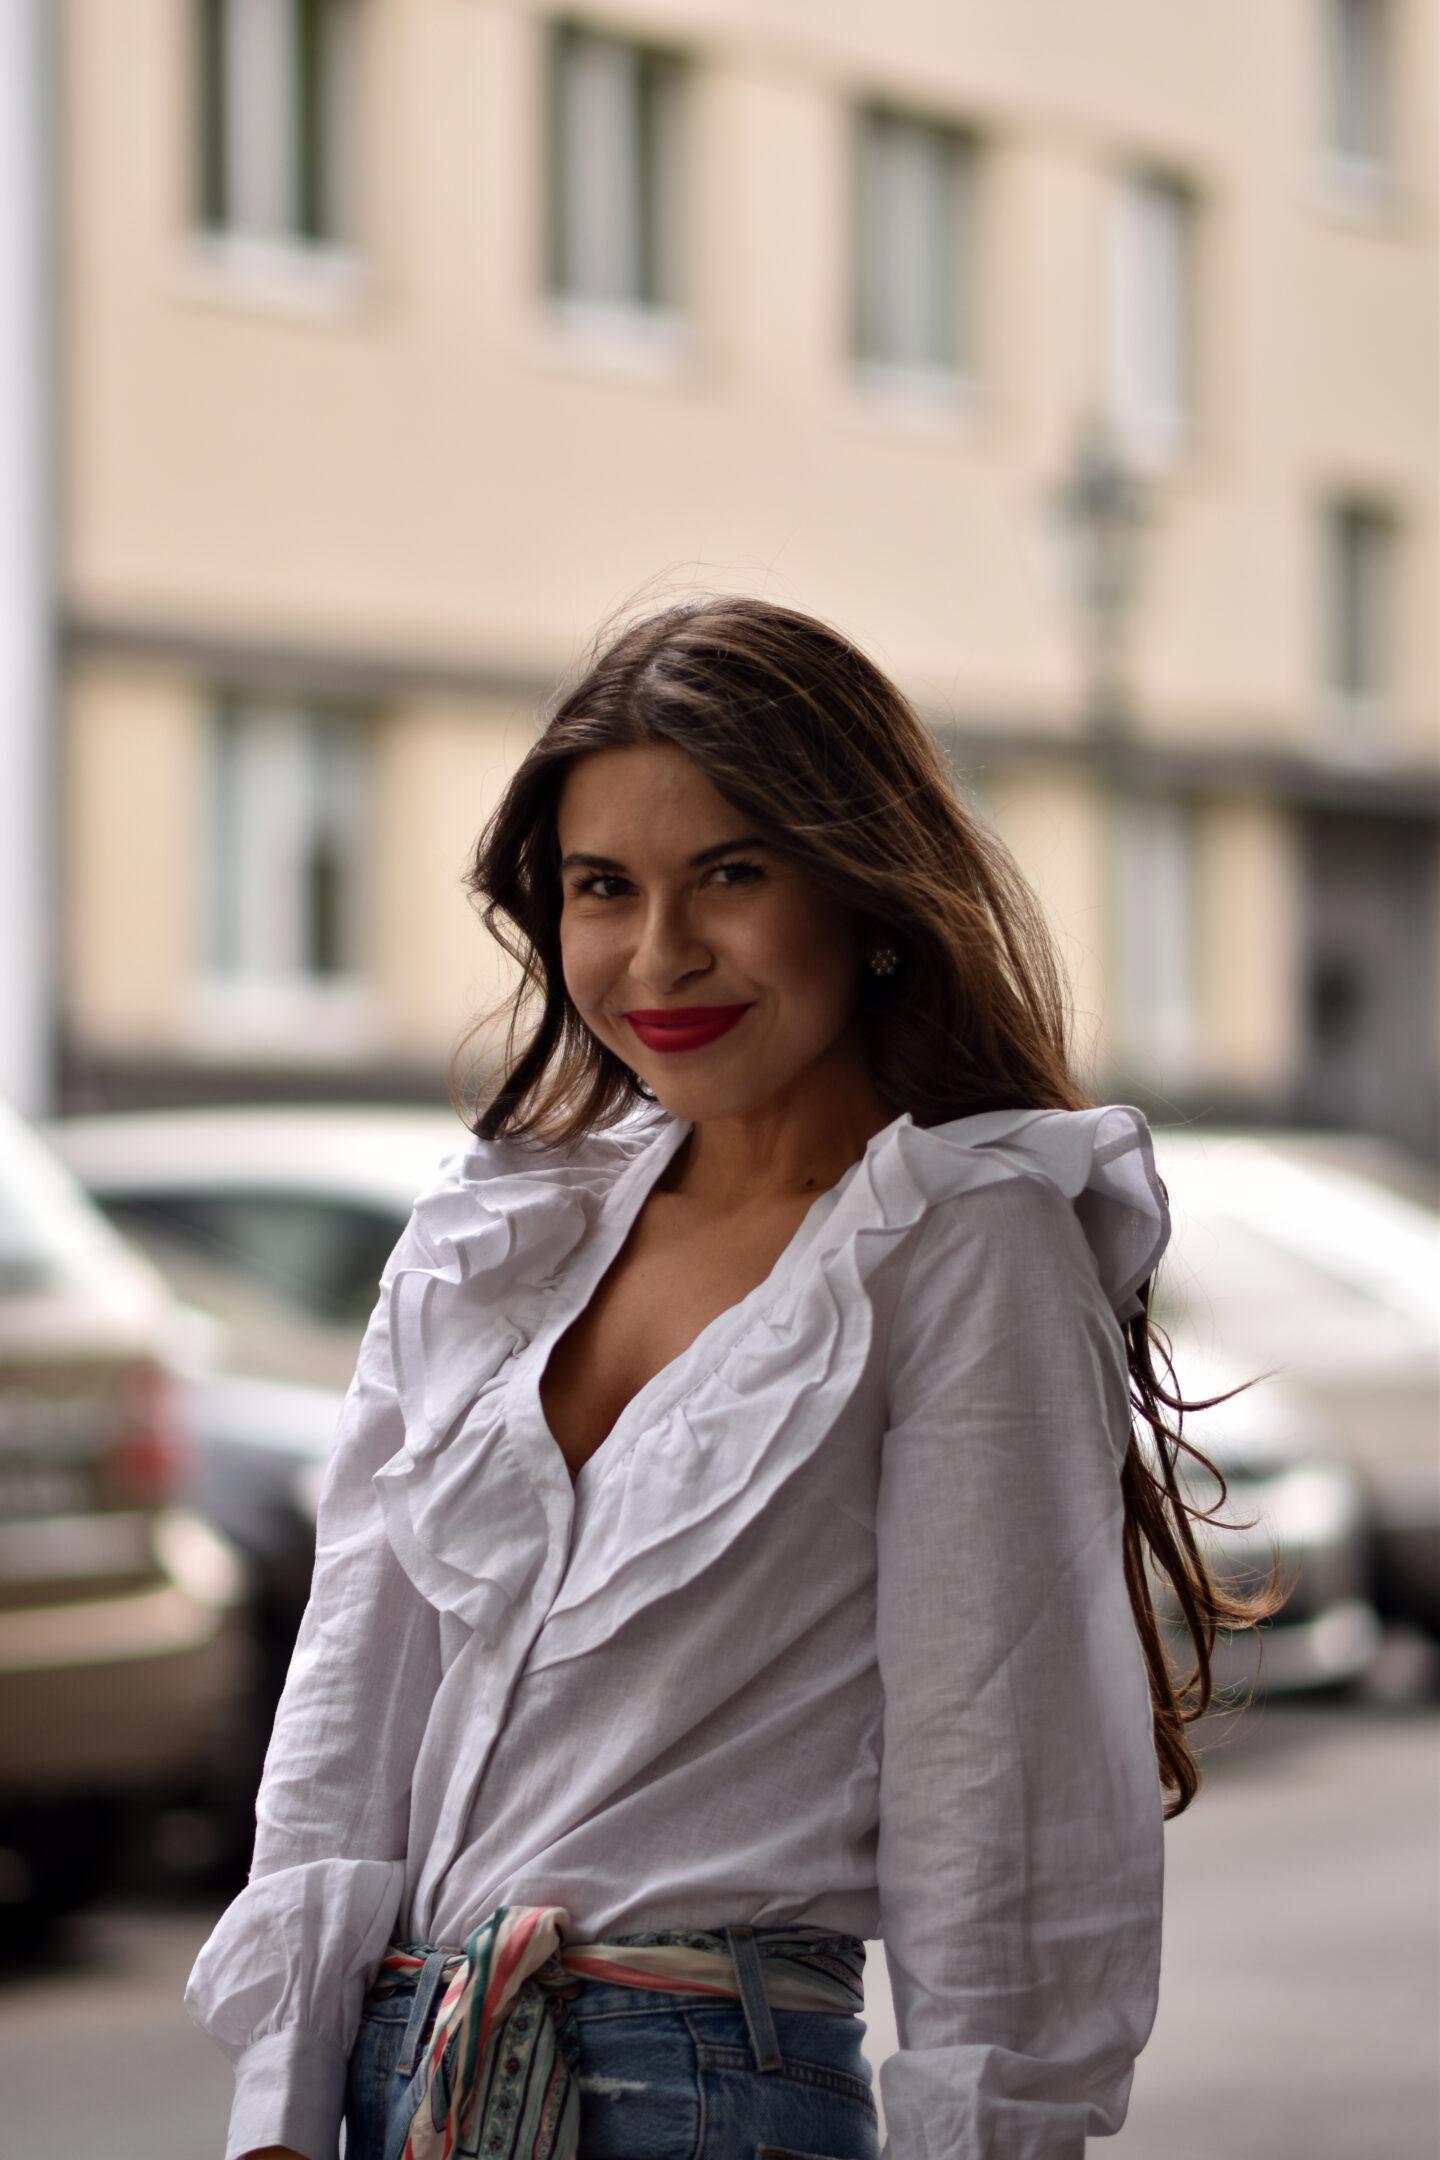 Fashion Bloggerin Tina Carrot